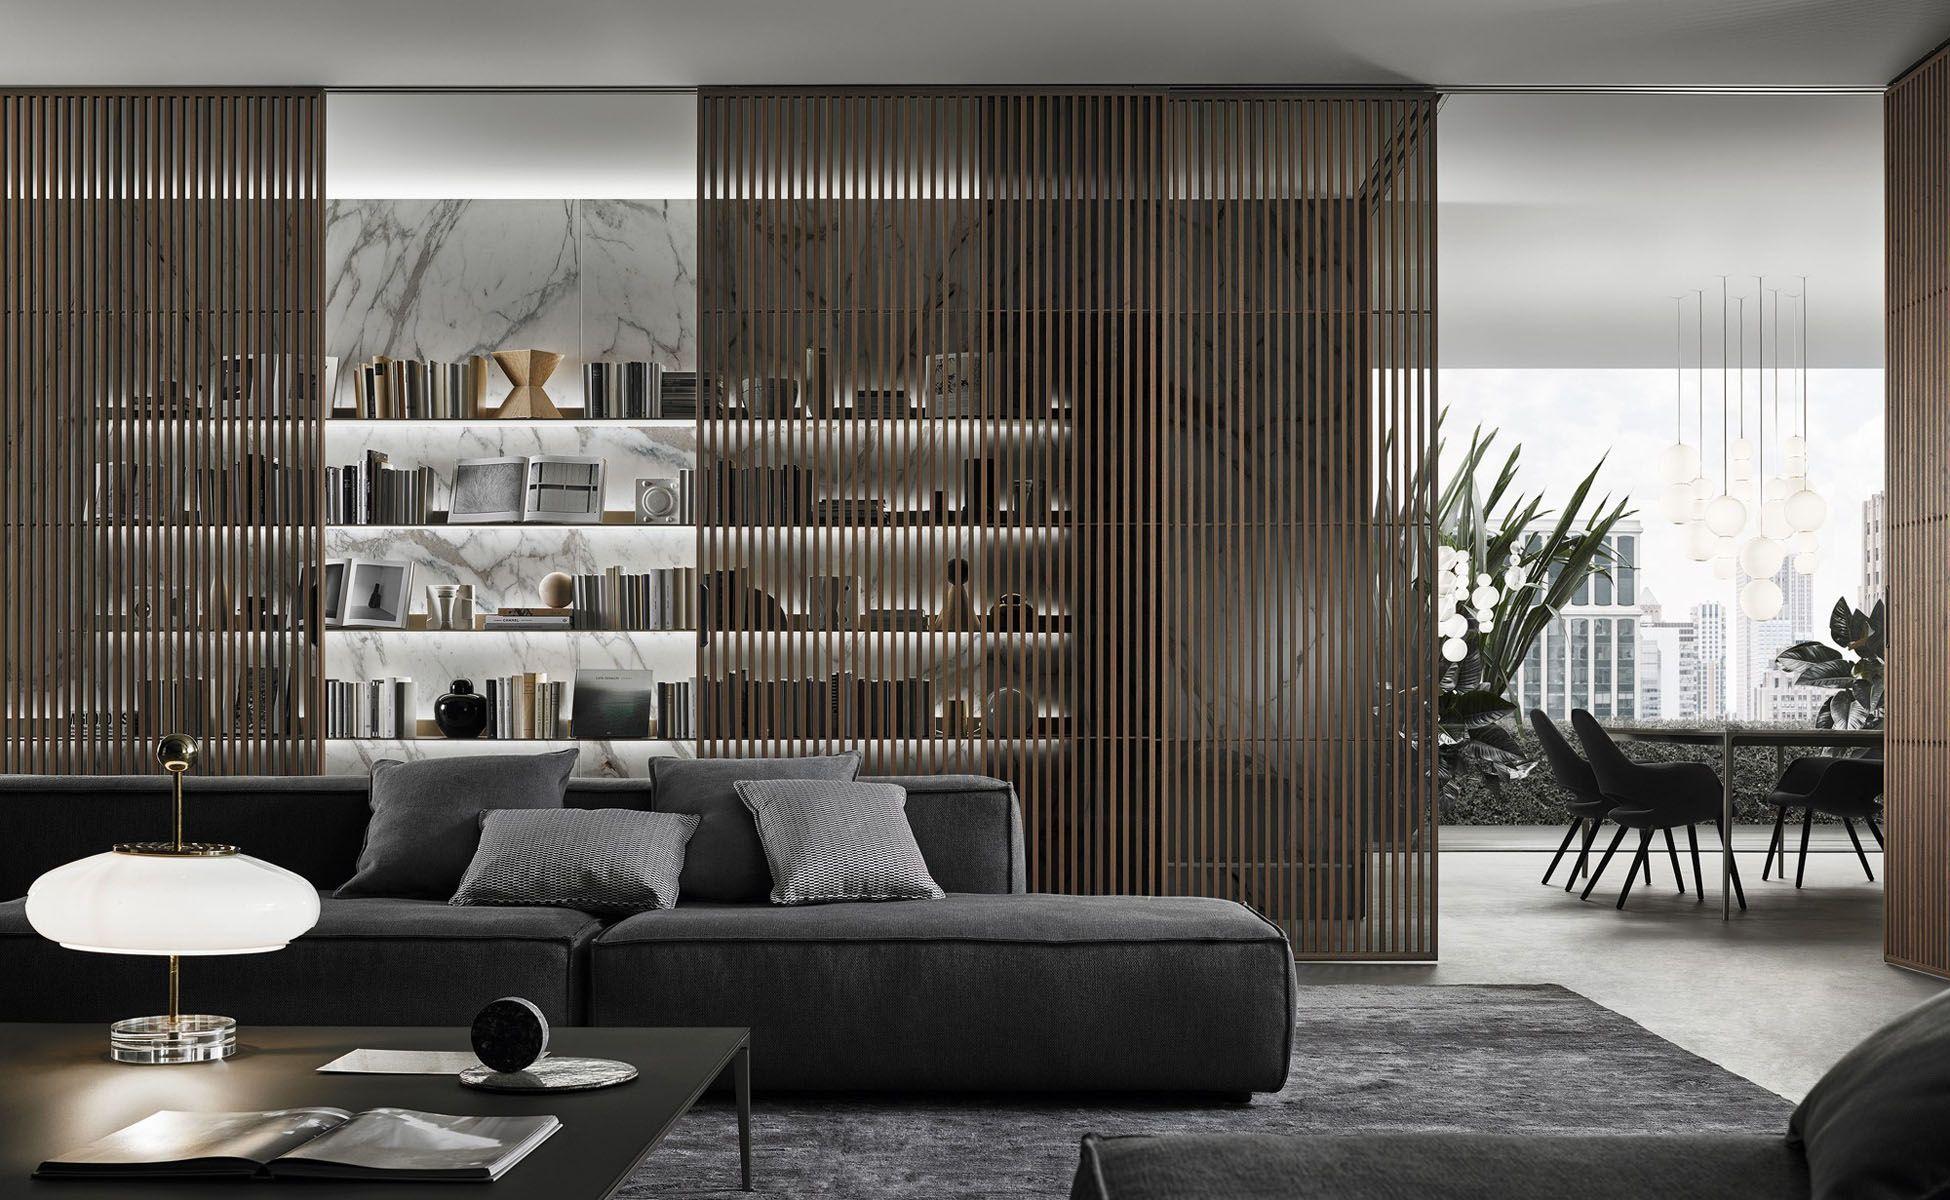 rimadesio sail schiebet r berlin steidten rimadesio bei steidten berlin pinterest. Black Bedroom Furniture Sets. Home Design Ideas